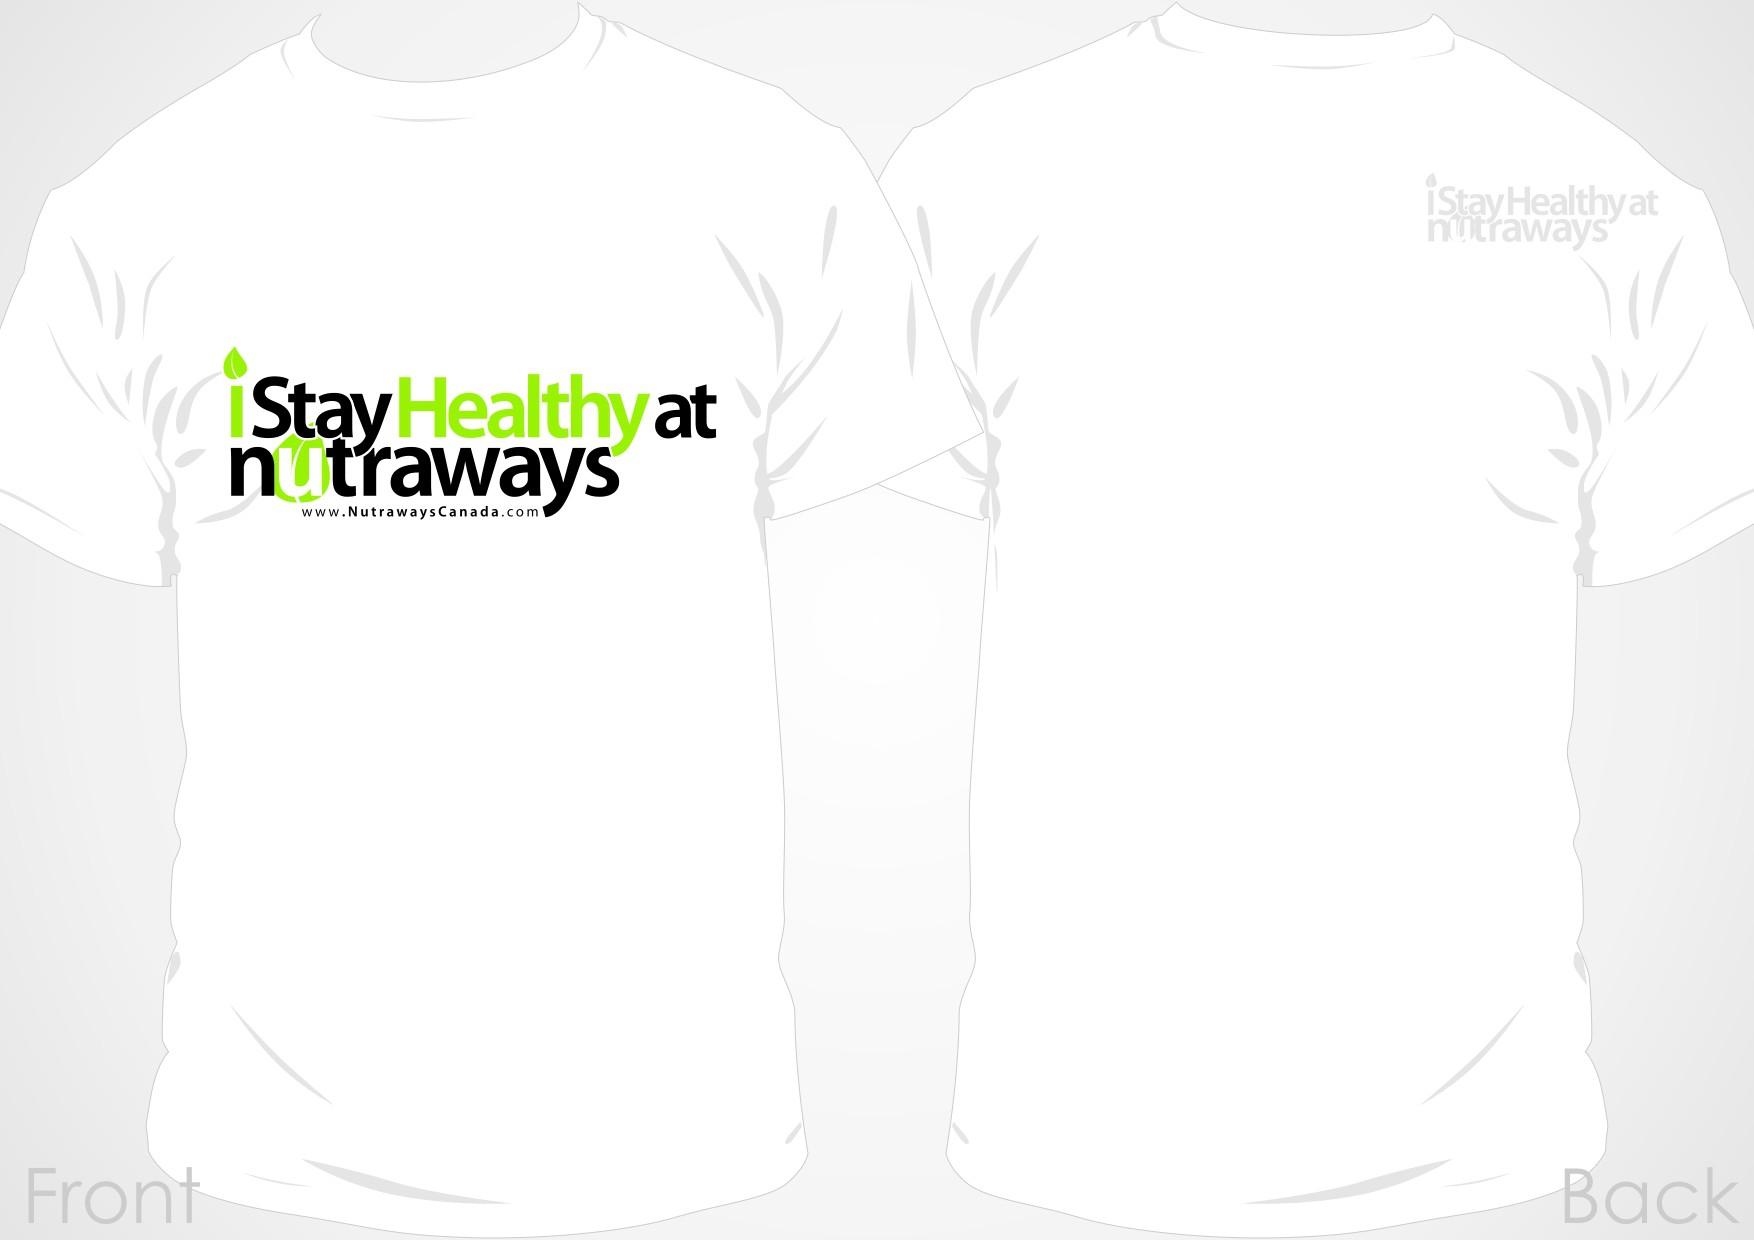 Nutraways Canada needs a new t-shirt design